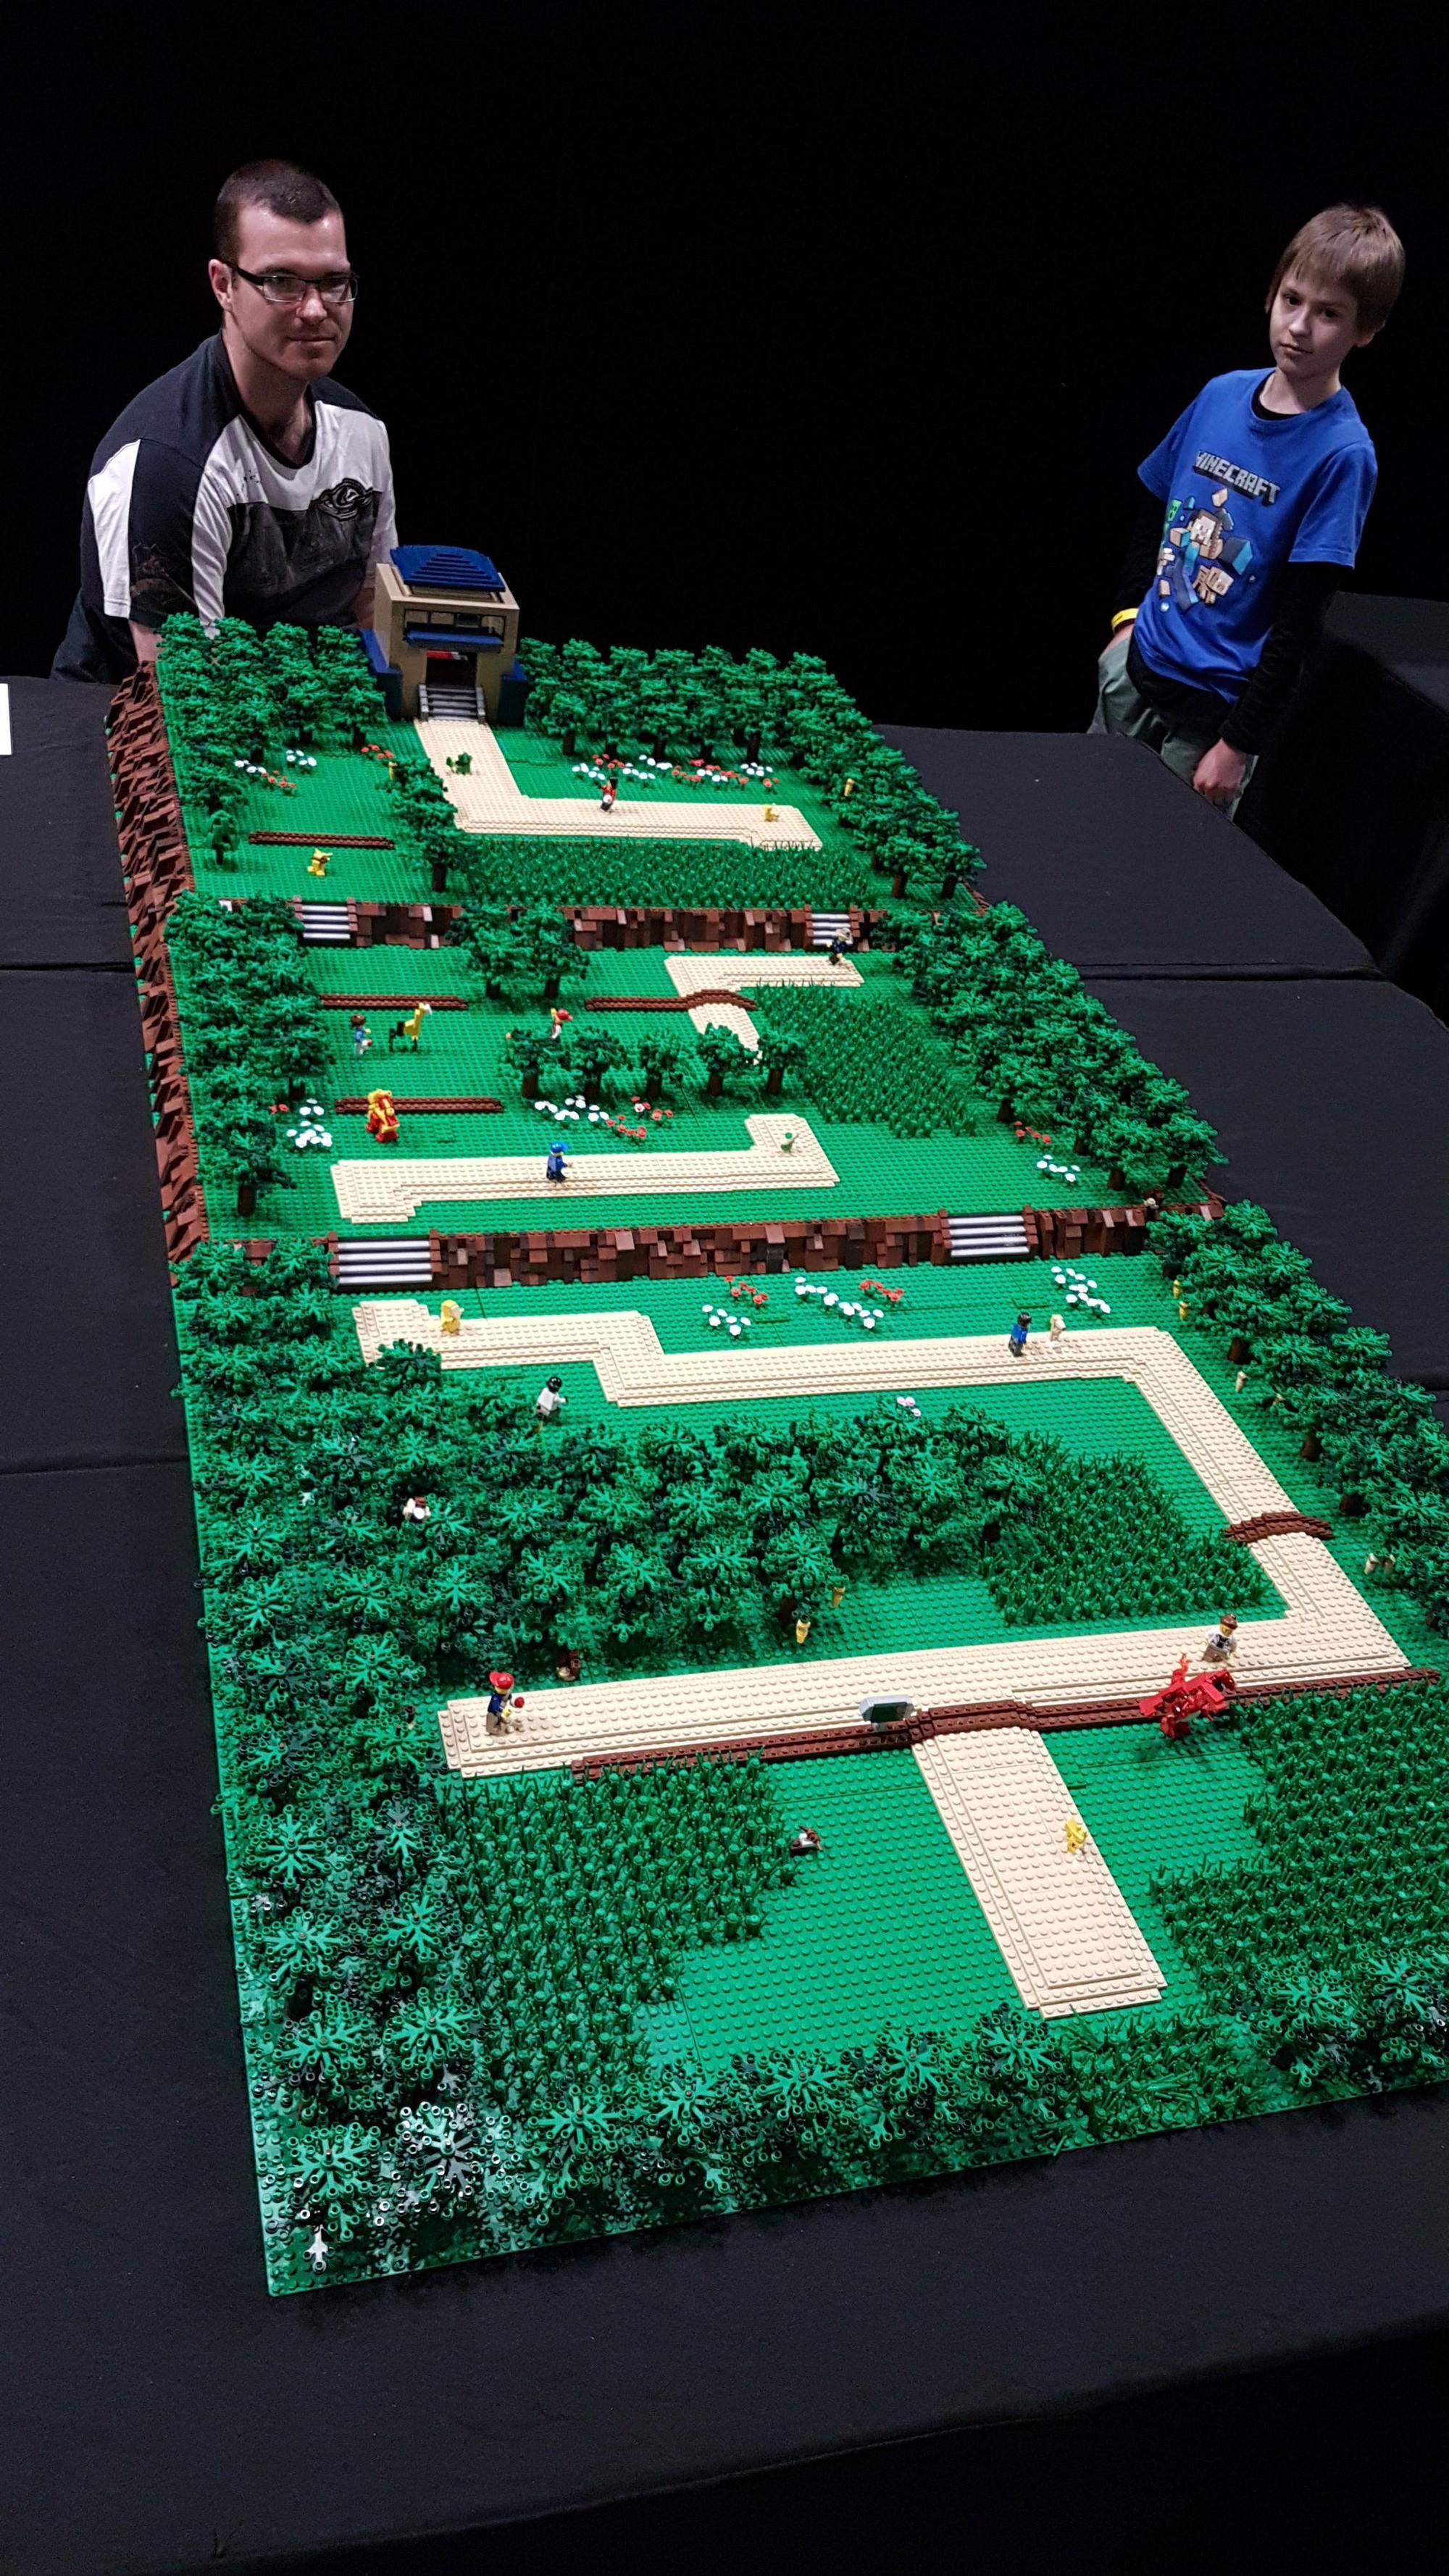 Ngắm 15 công trình LEGO tỉ mỉ khiến cả người không chơi cũng mê tít - Ảnh 1.